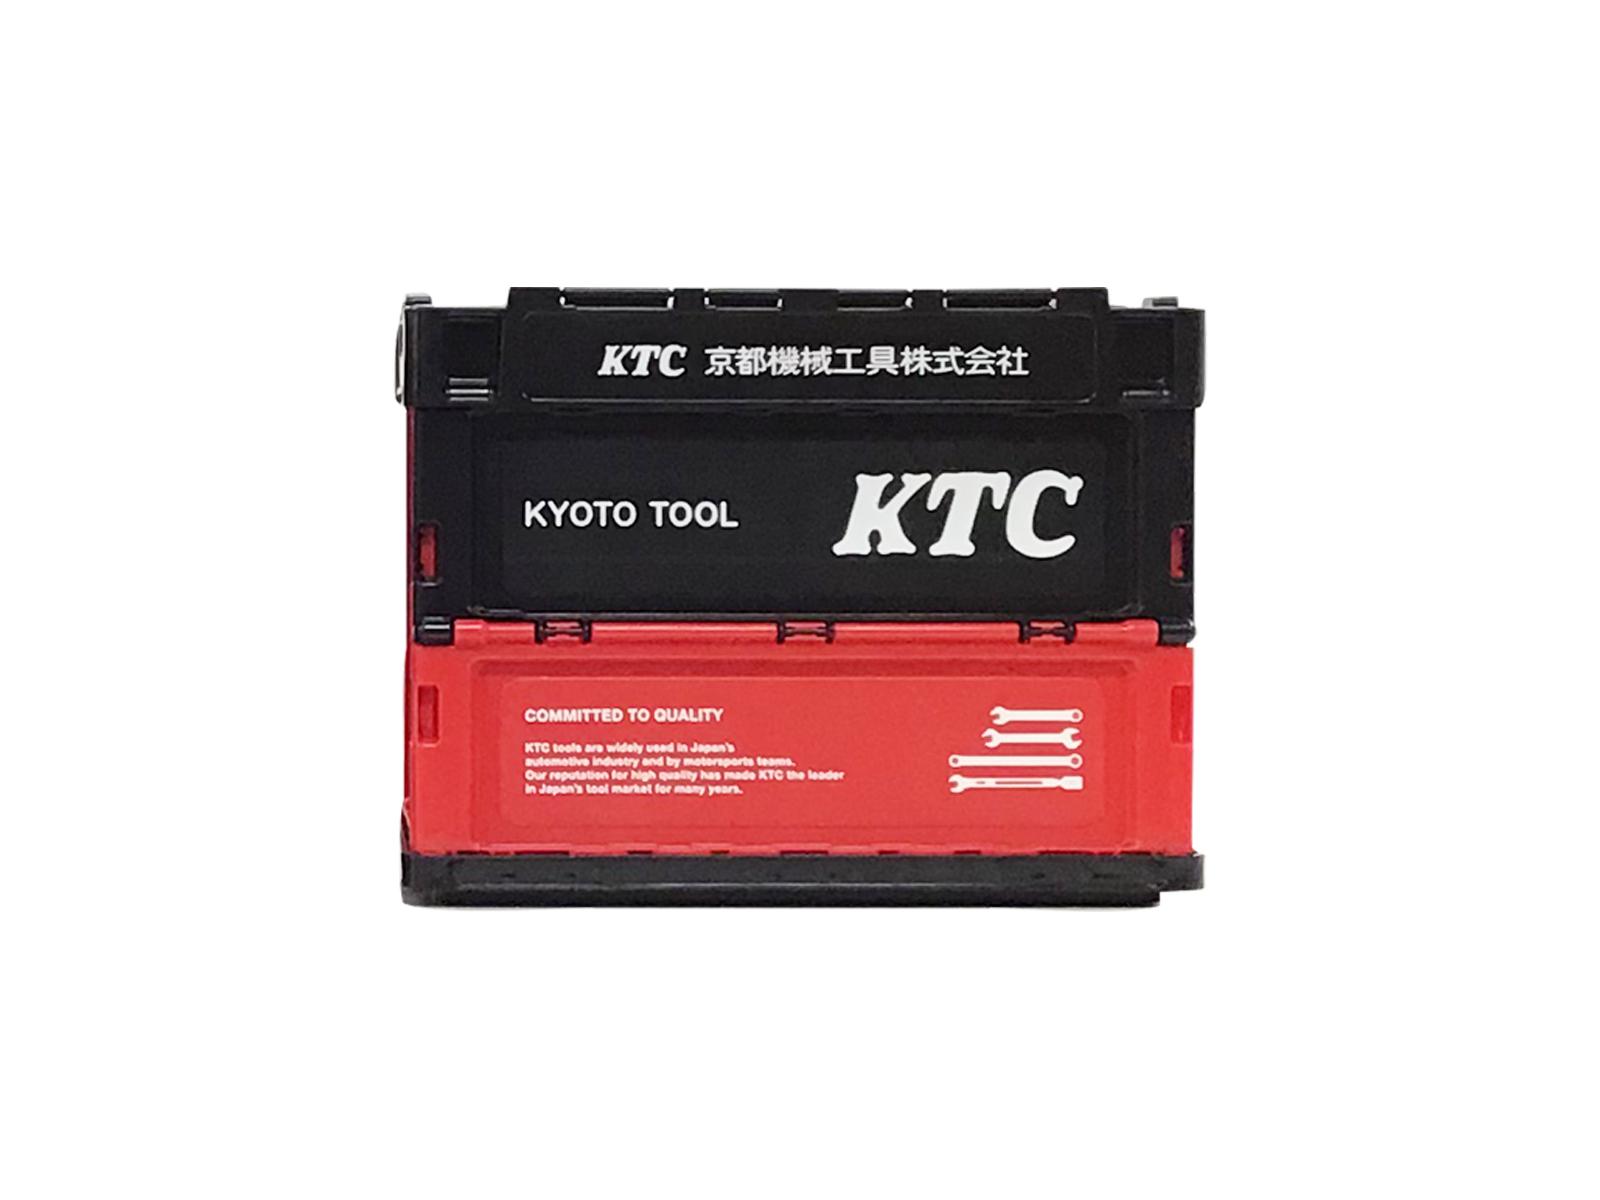 KTC折りたたみコンテナ 20L(ブラック)